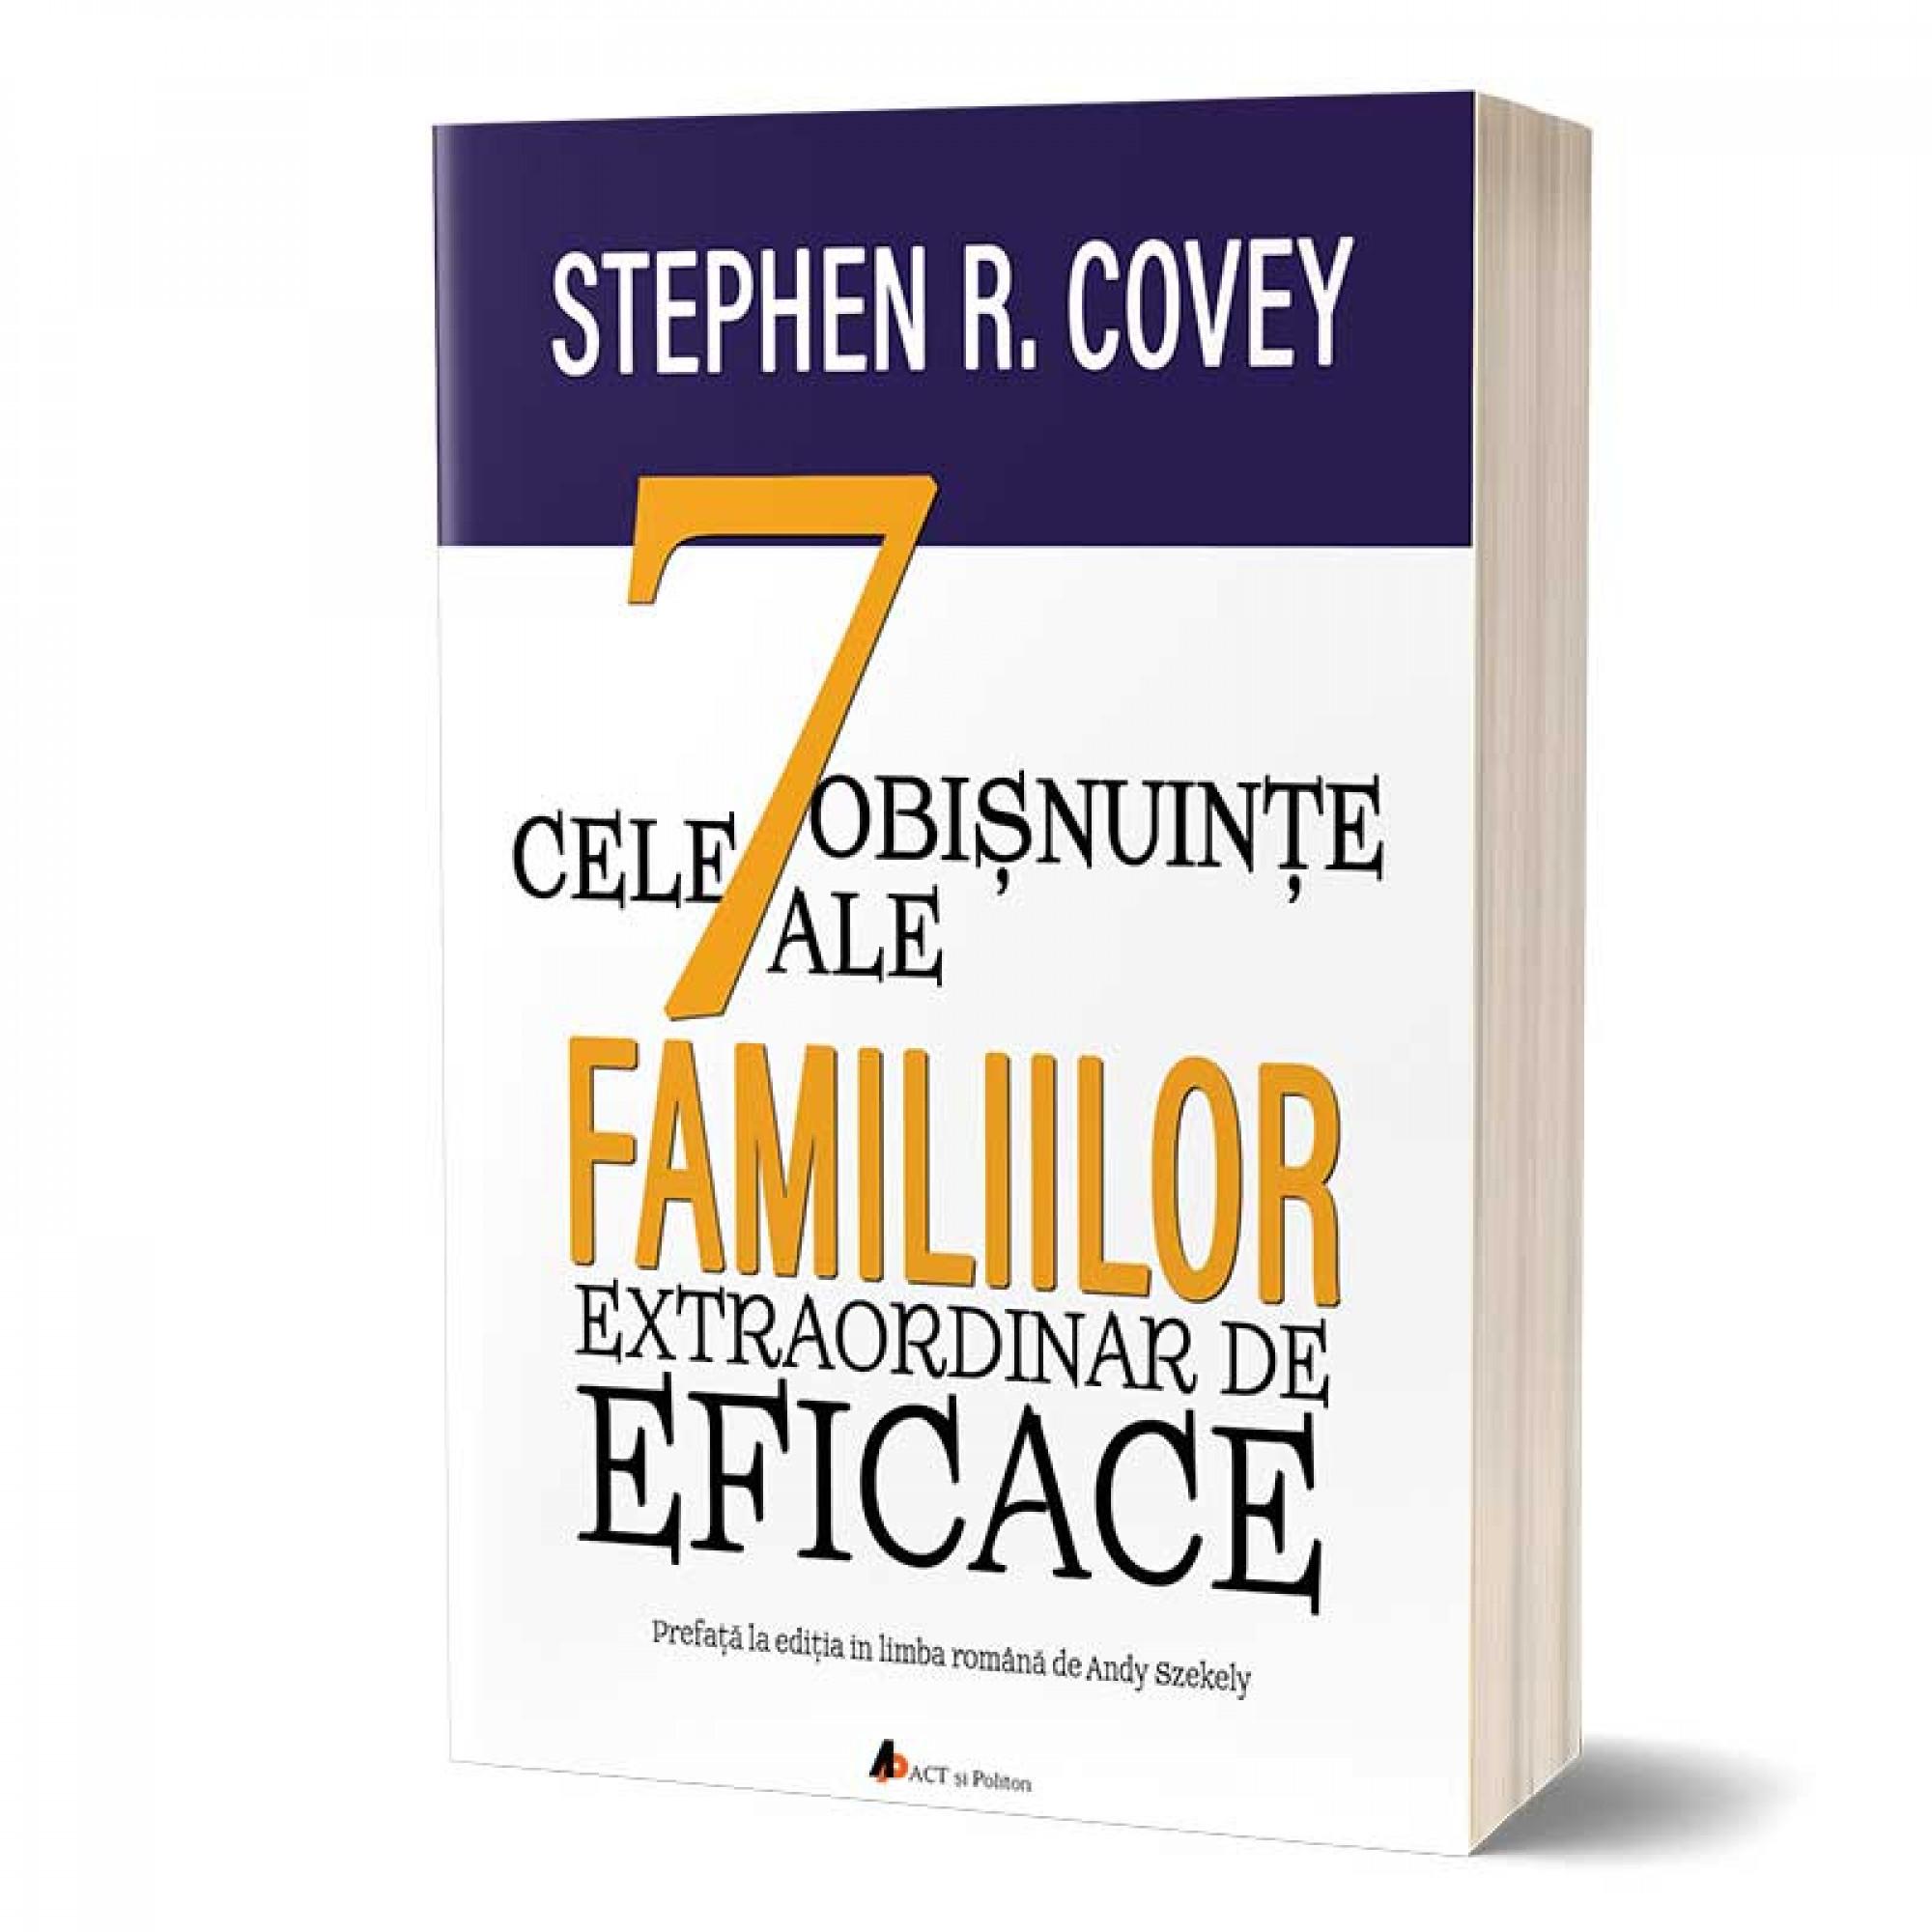 Cele 7 obișnuințe ale familiilor extraordinar de eficace: Cum să clădești o cultură familială frumoasă într-o lume agitată - PRECOMANDA